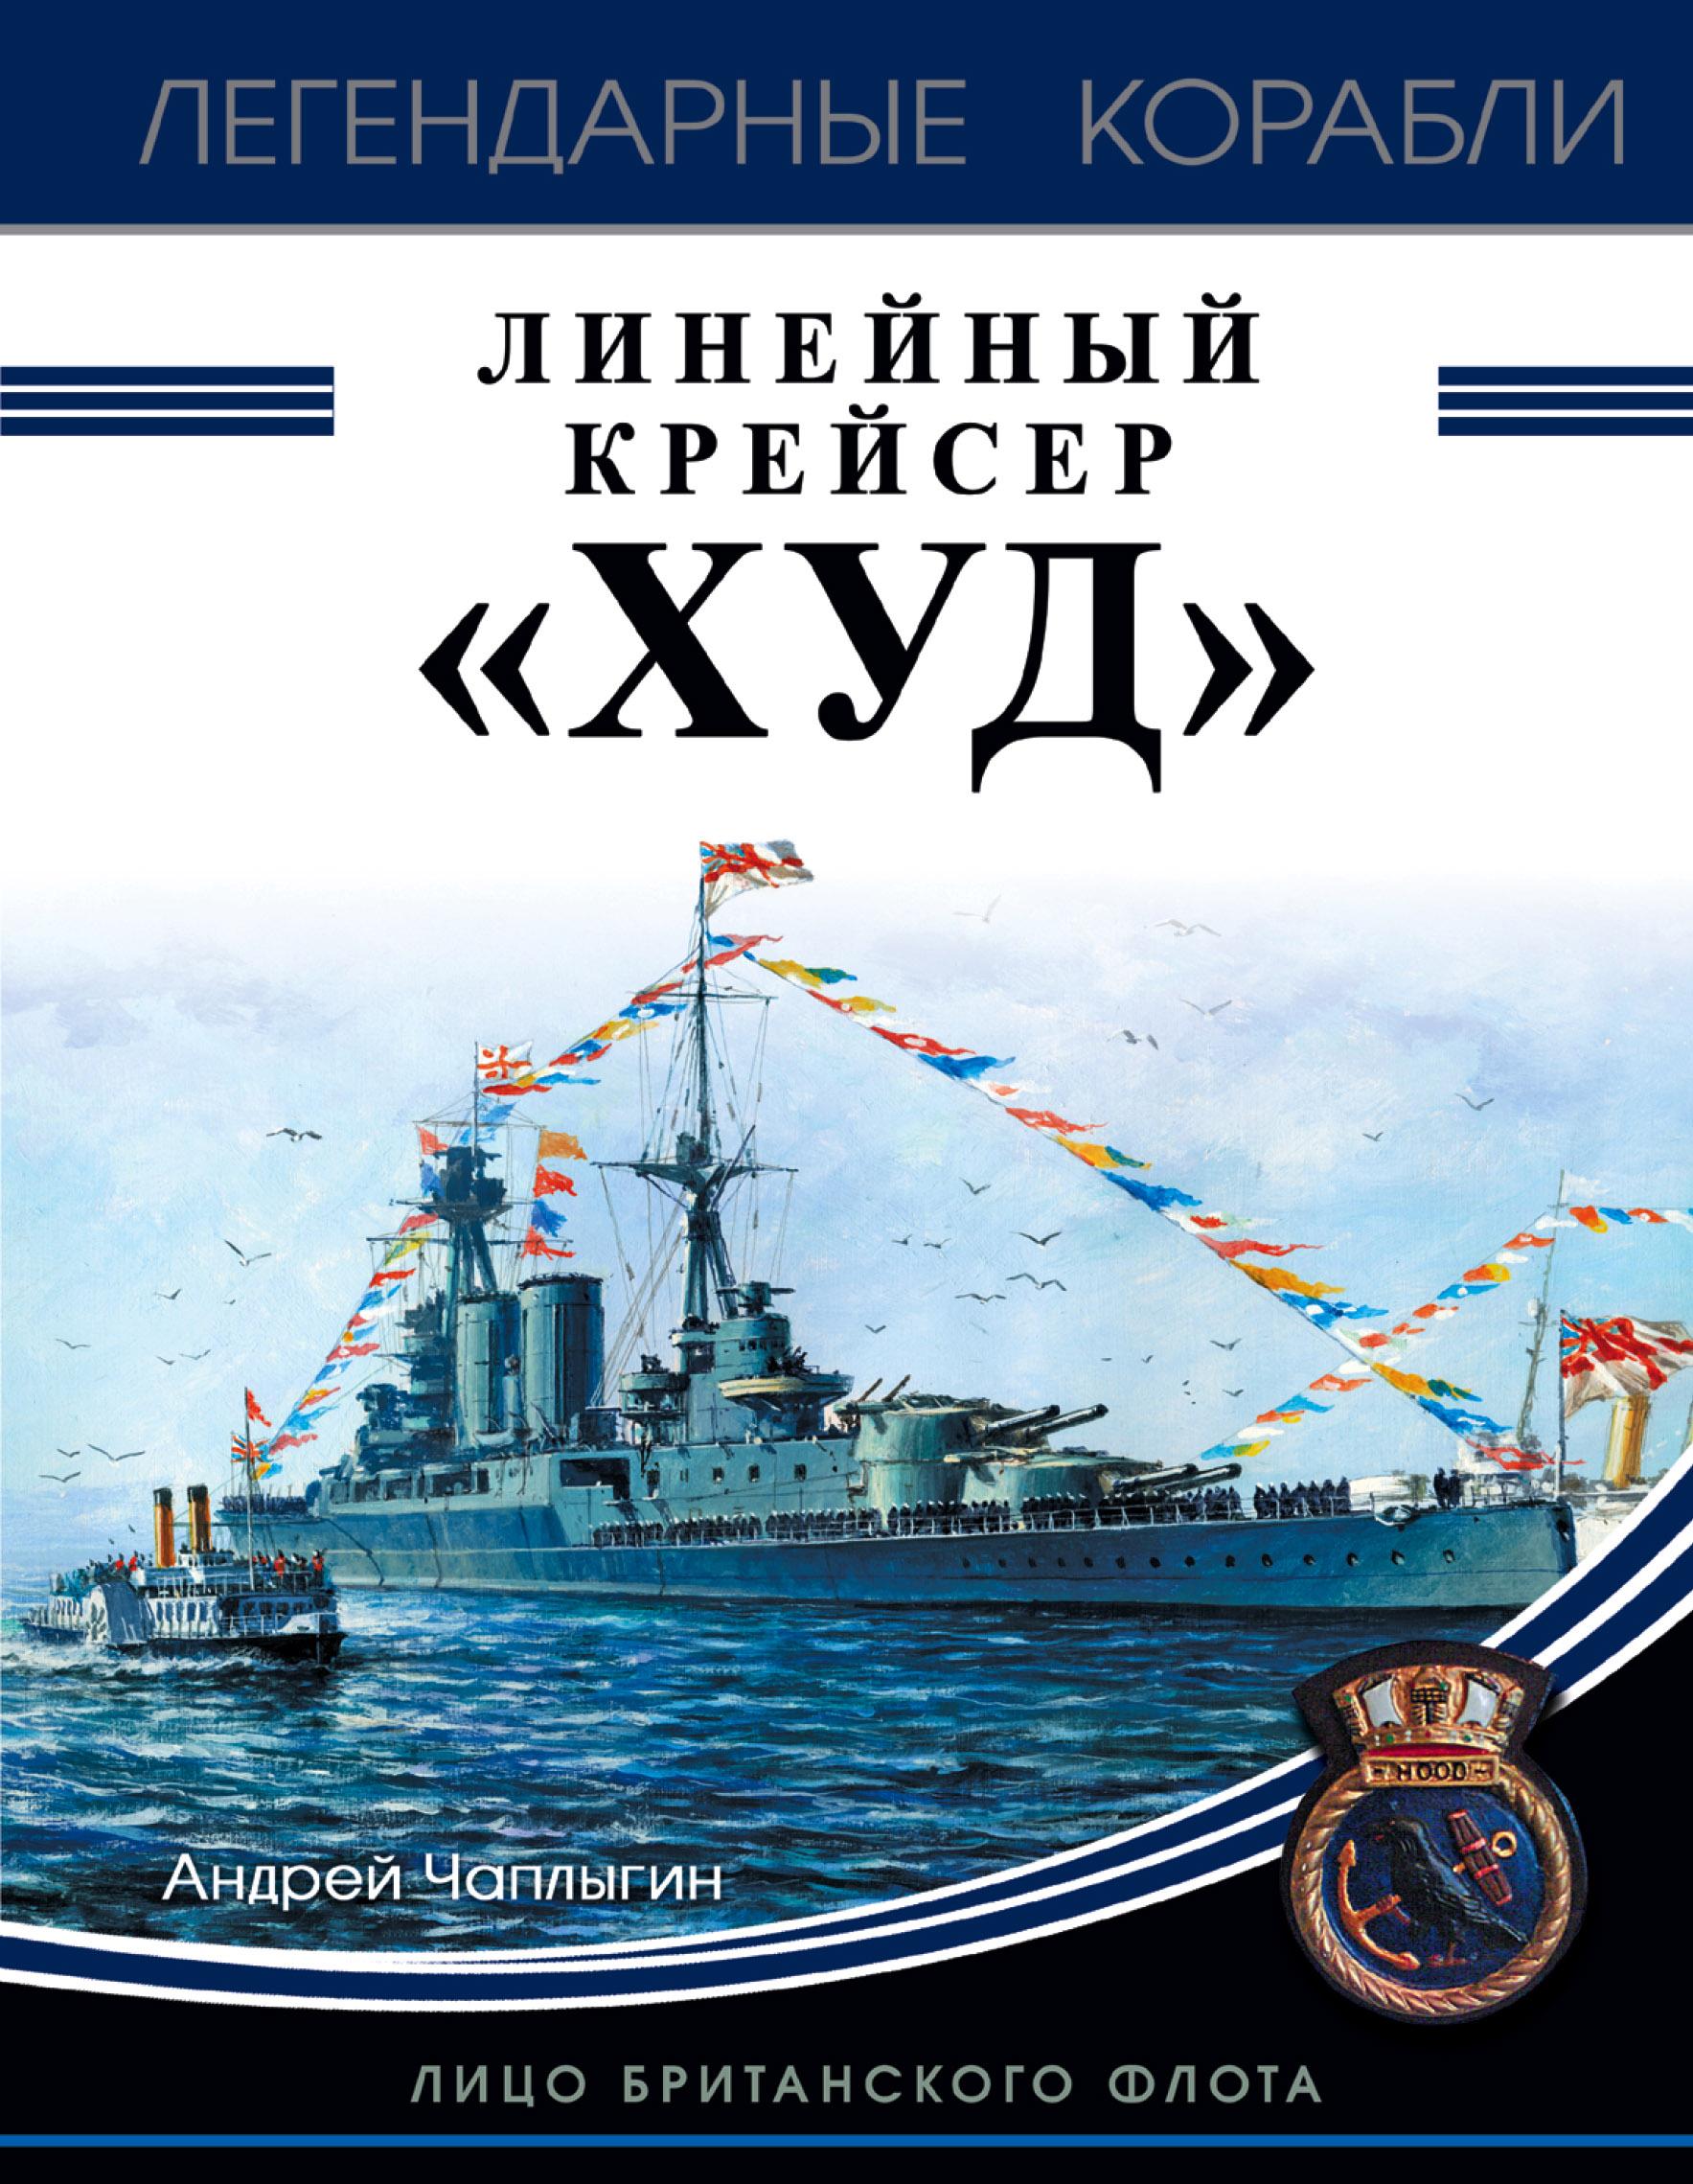 цена на Андрей Чаплыгин Линейный крейсер «Худ». Лицо британского флота